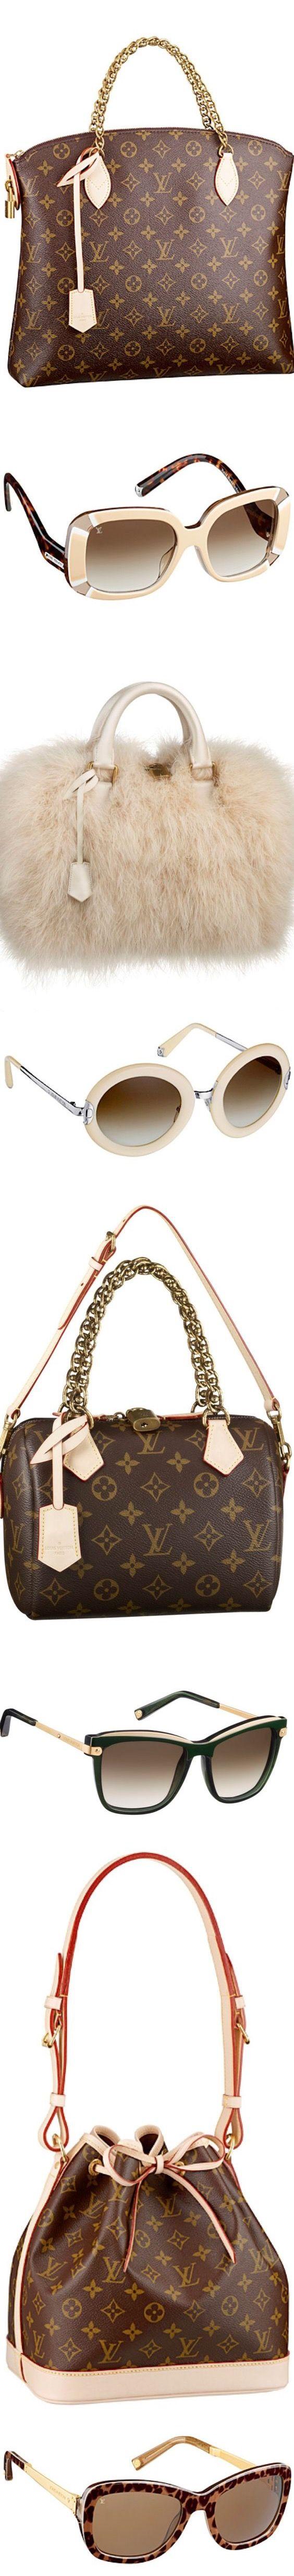 Louis Vuitton Handbags & more ..